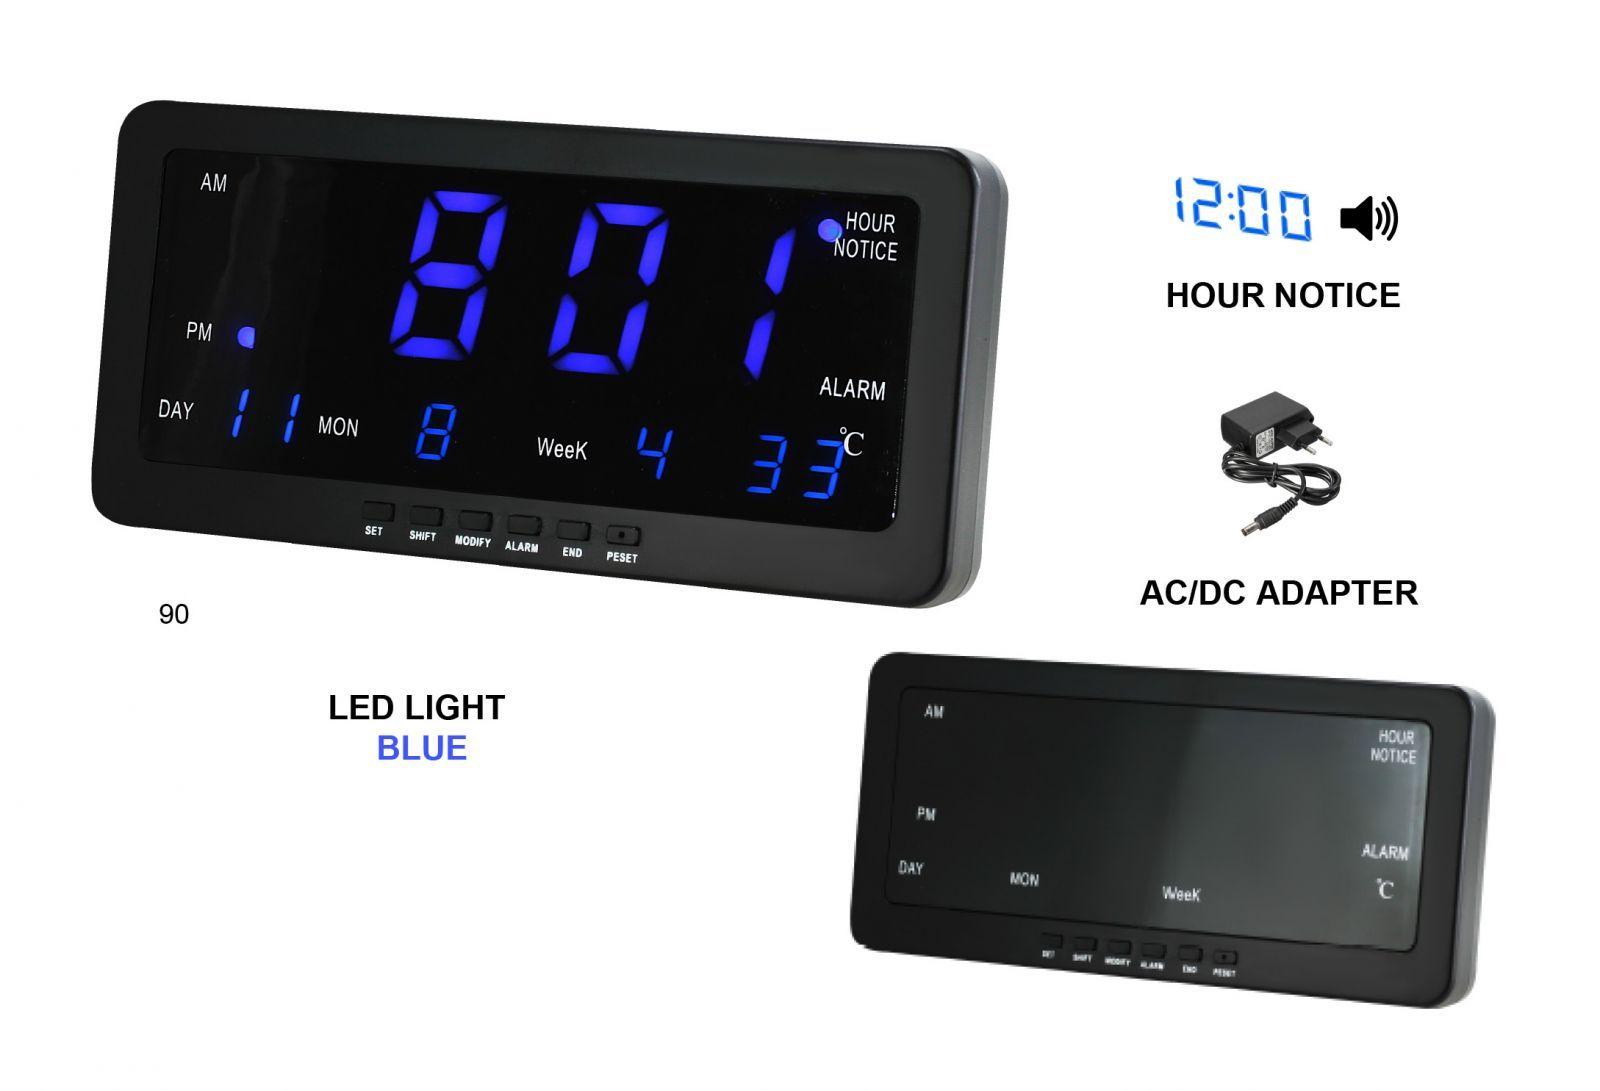 Digitální budík s modrými LED diodami, datem a teploměrem k postavení na stůl nebo pověšení na zeď s možností melodie každou celou hodinu.088 167398